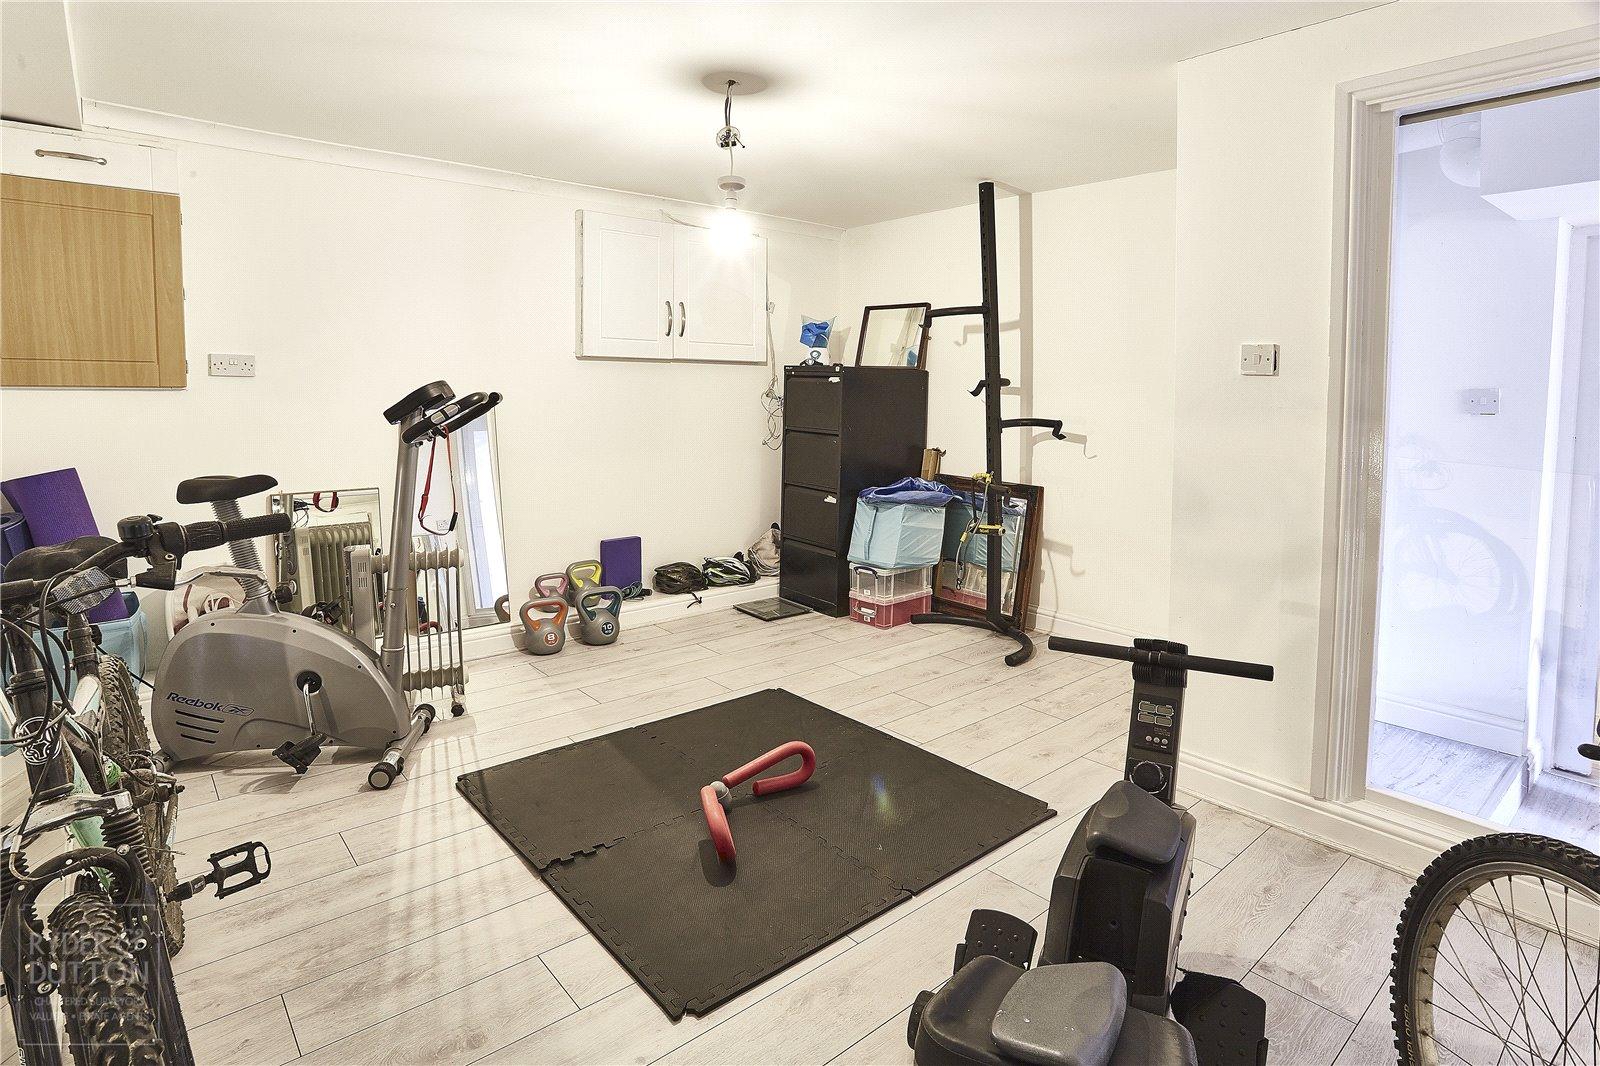 Home Gym: